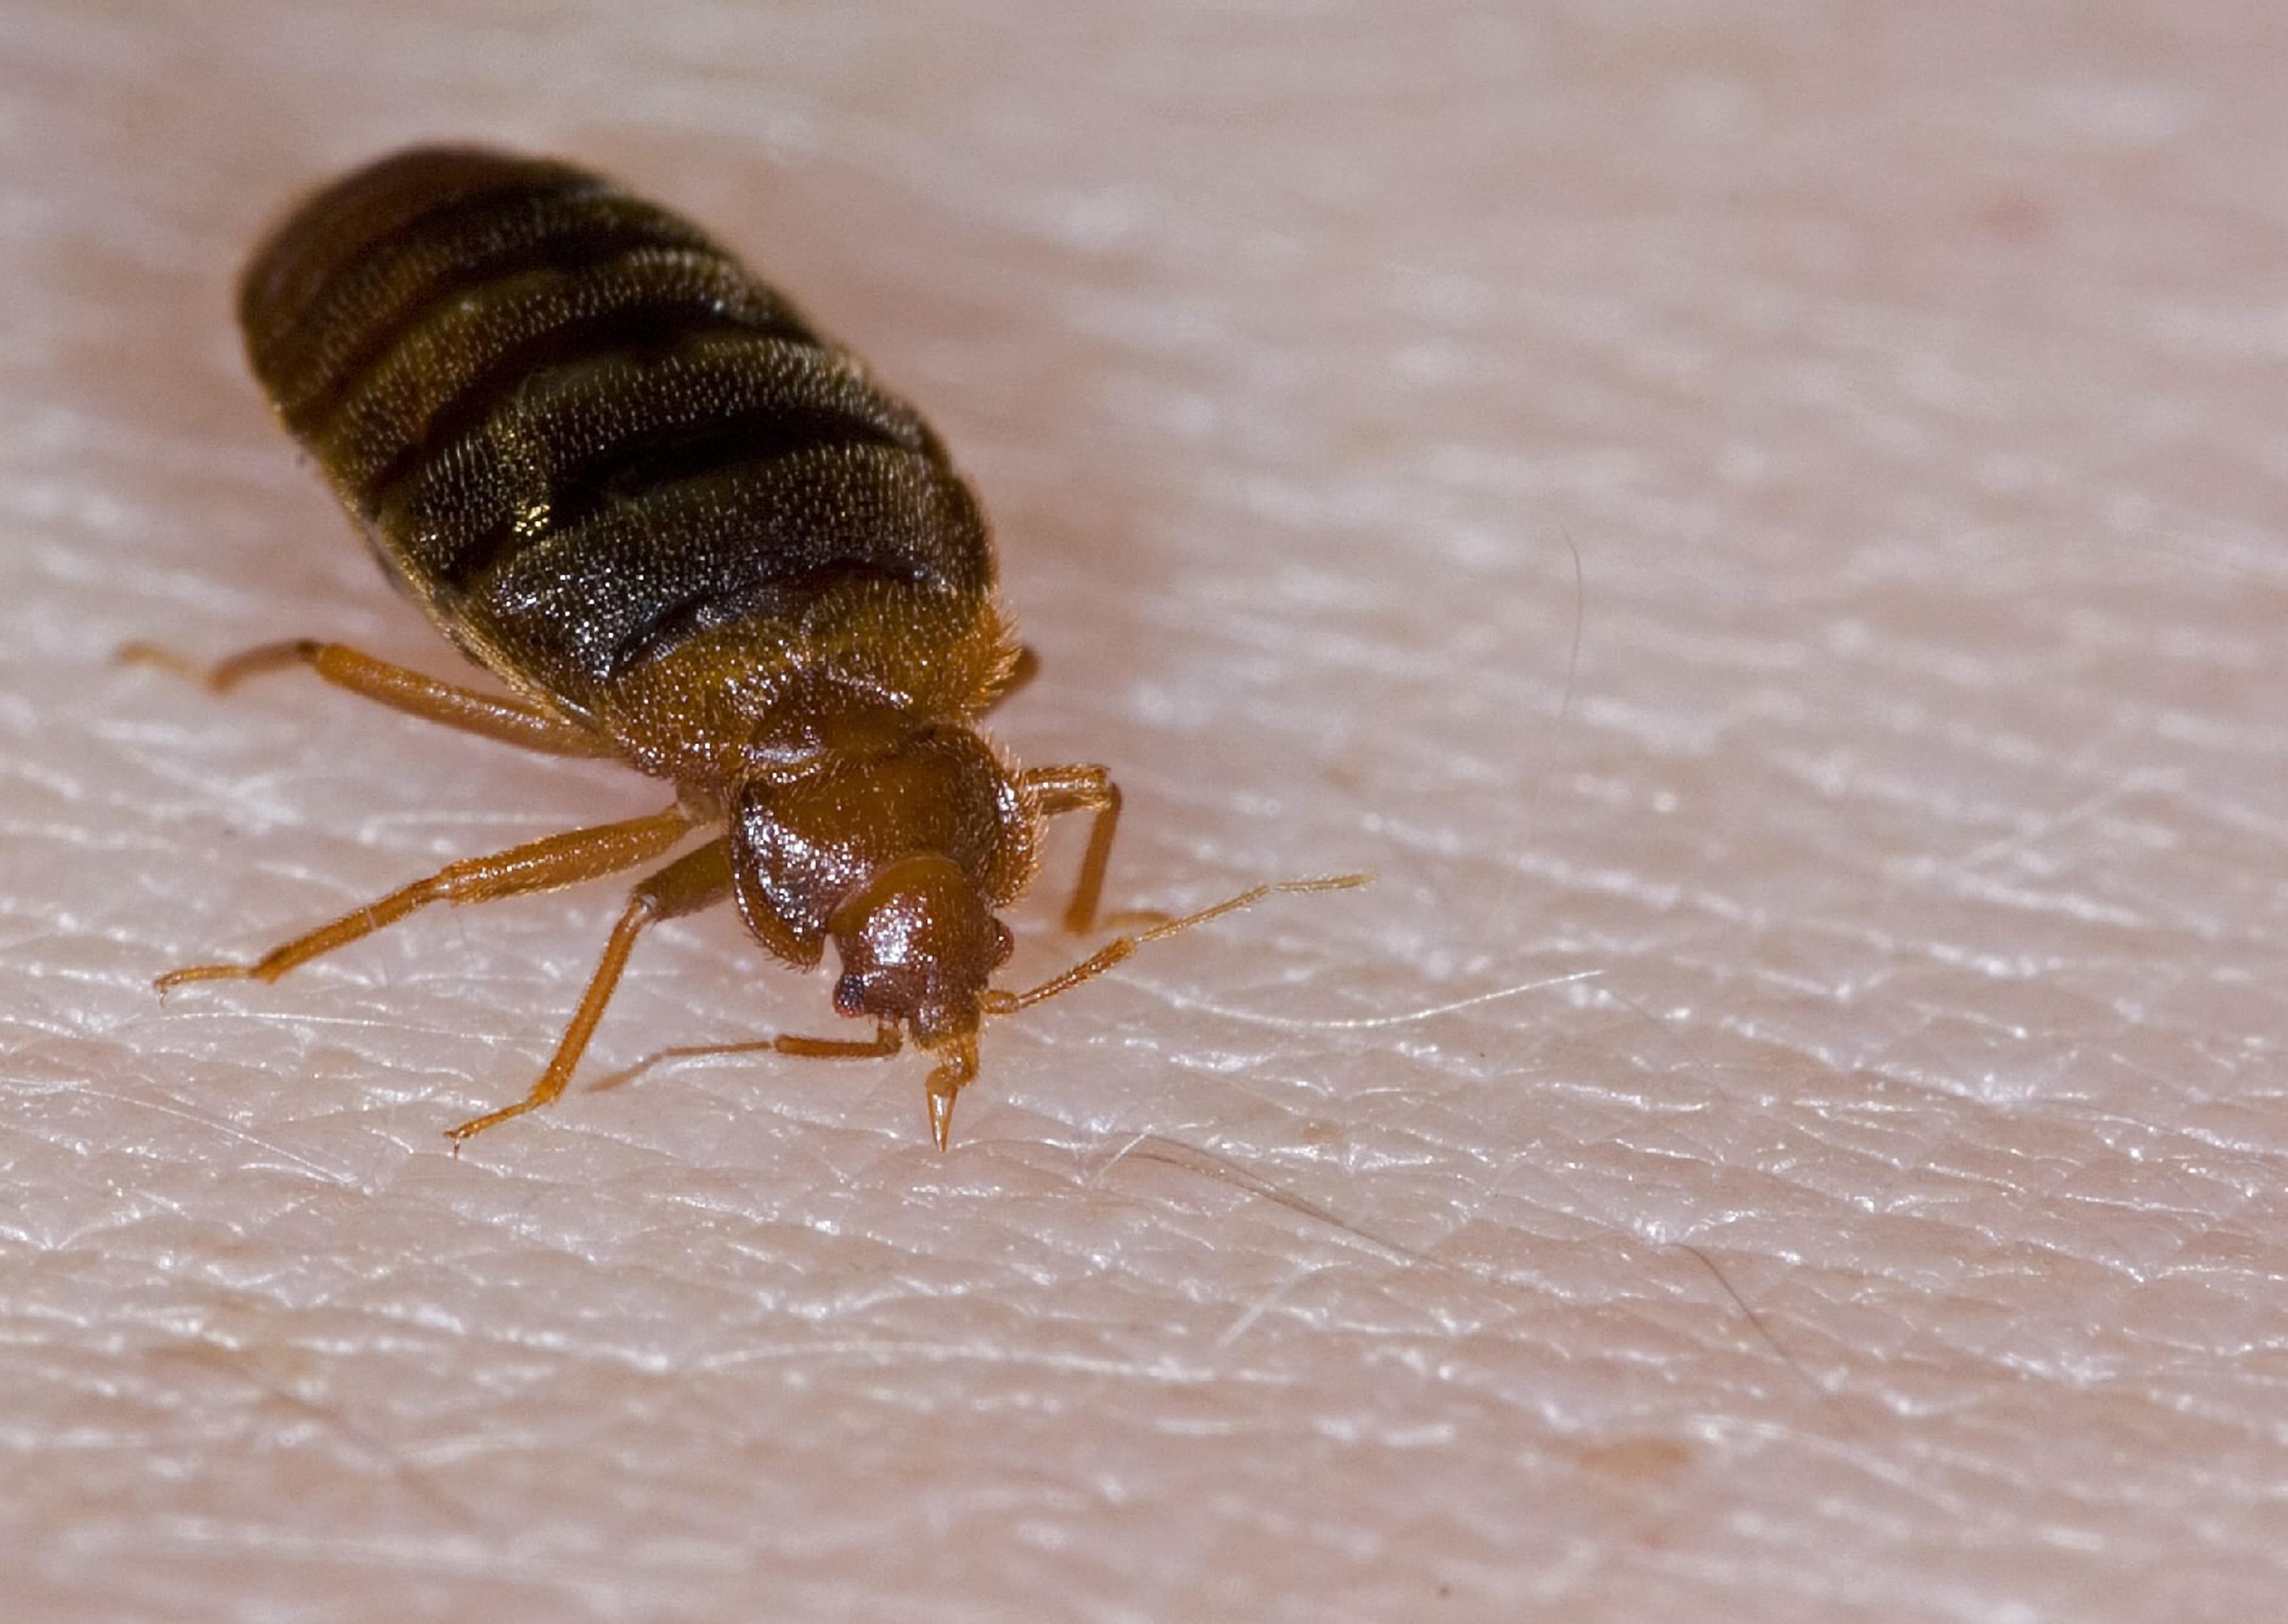 Natural Ways To Get Rid Of Carpet Beetles